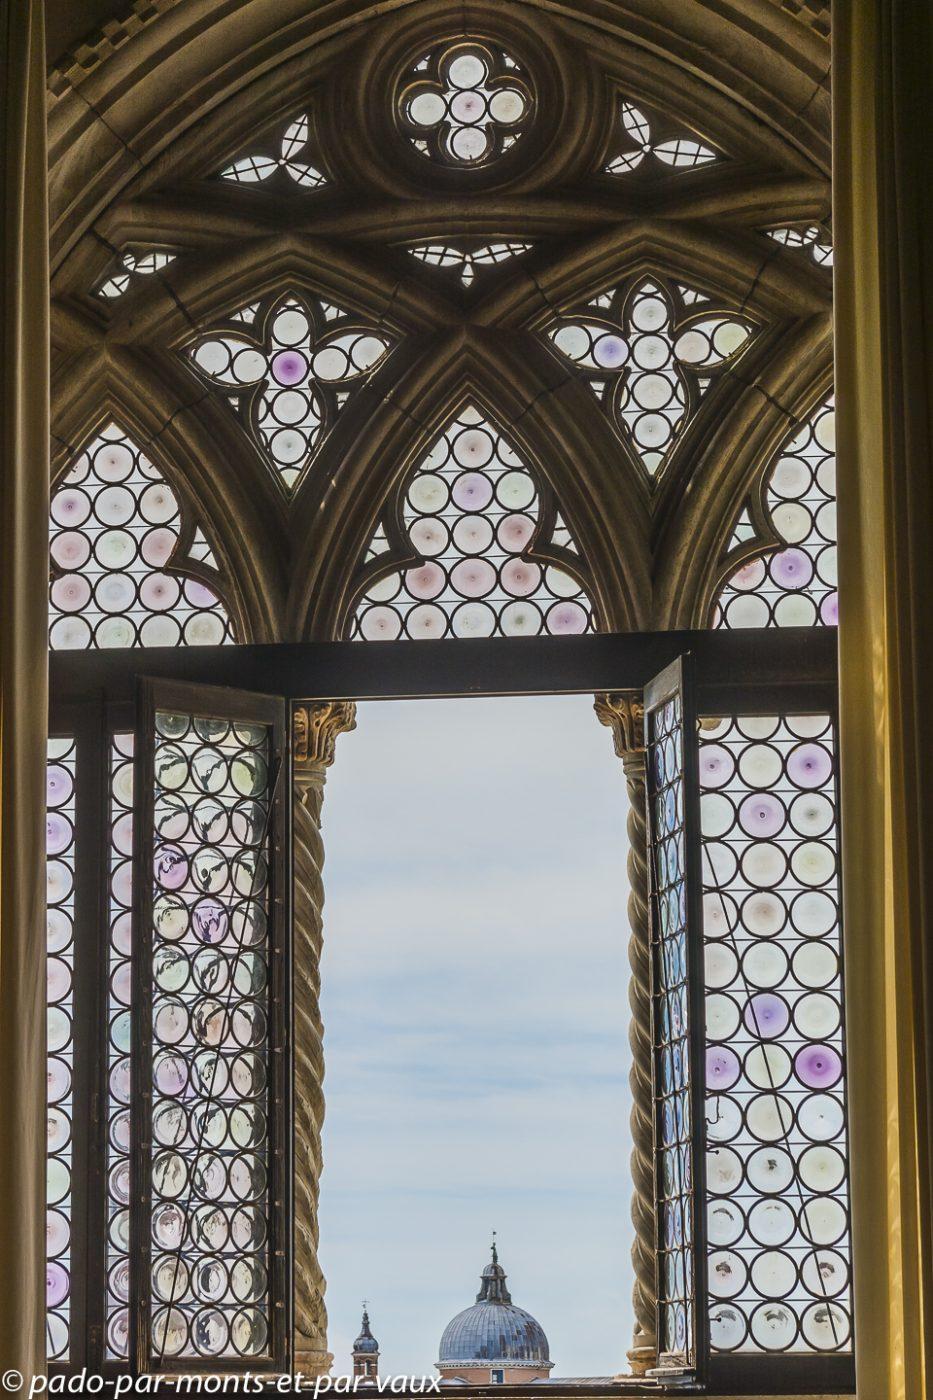 Venise - Palais des doges